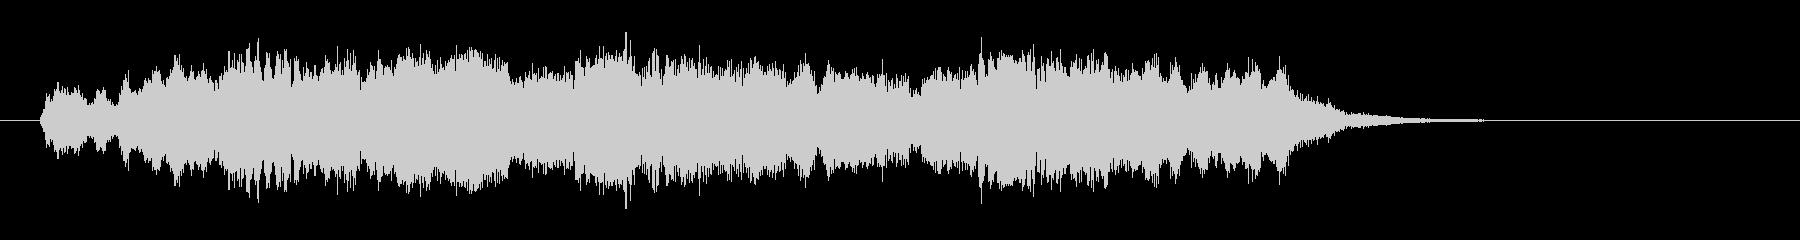 ポップでちょとメルヘンお城のティータイムの未再生の波形